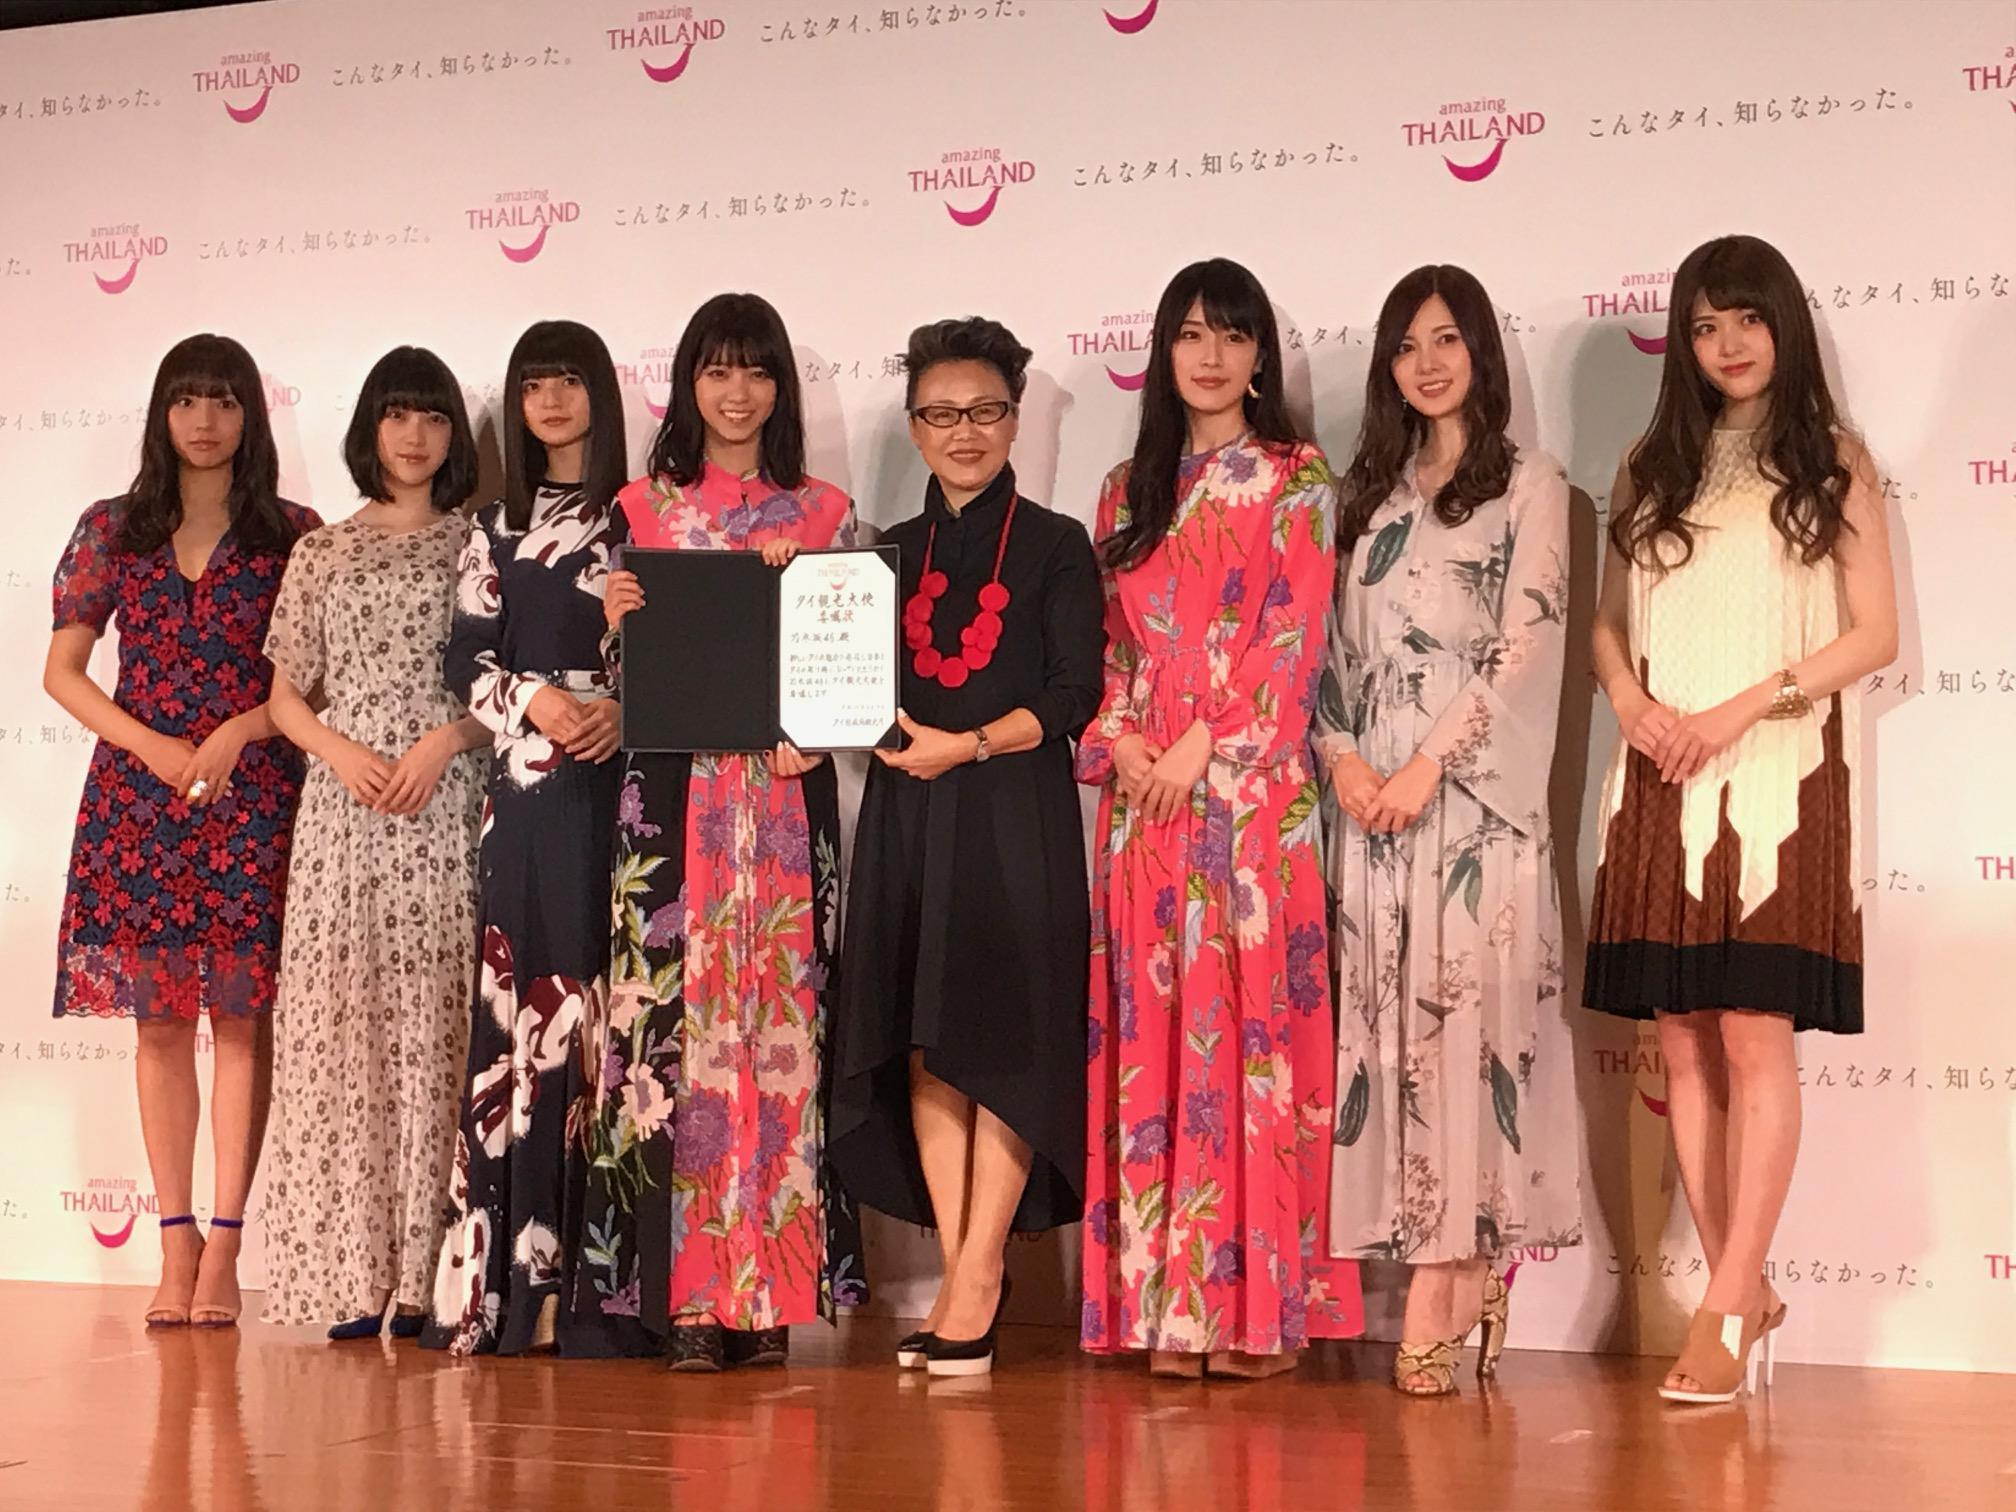 タイ政府観光庁、観光大使に「乃木坂46」を起用、オリジナル動画やインスタ開設で日本人誘致PRを開始【動画】